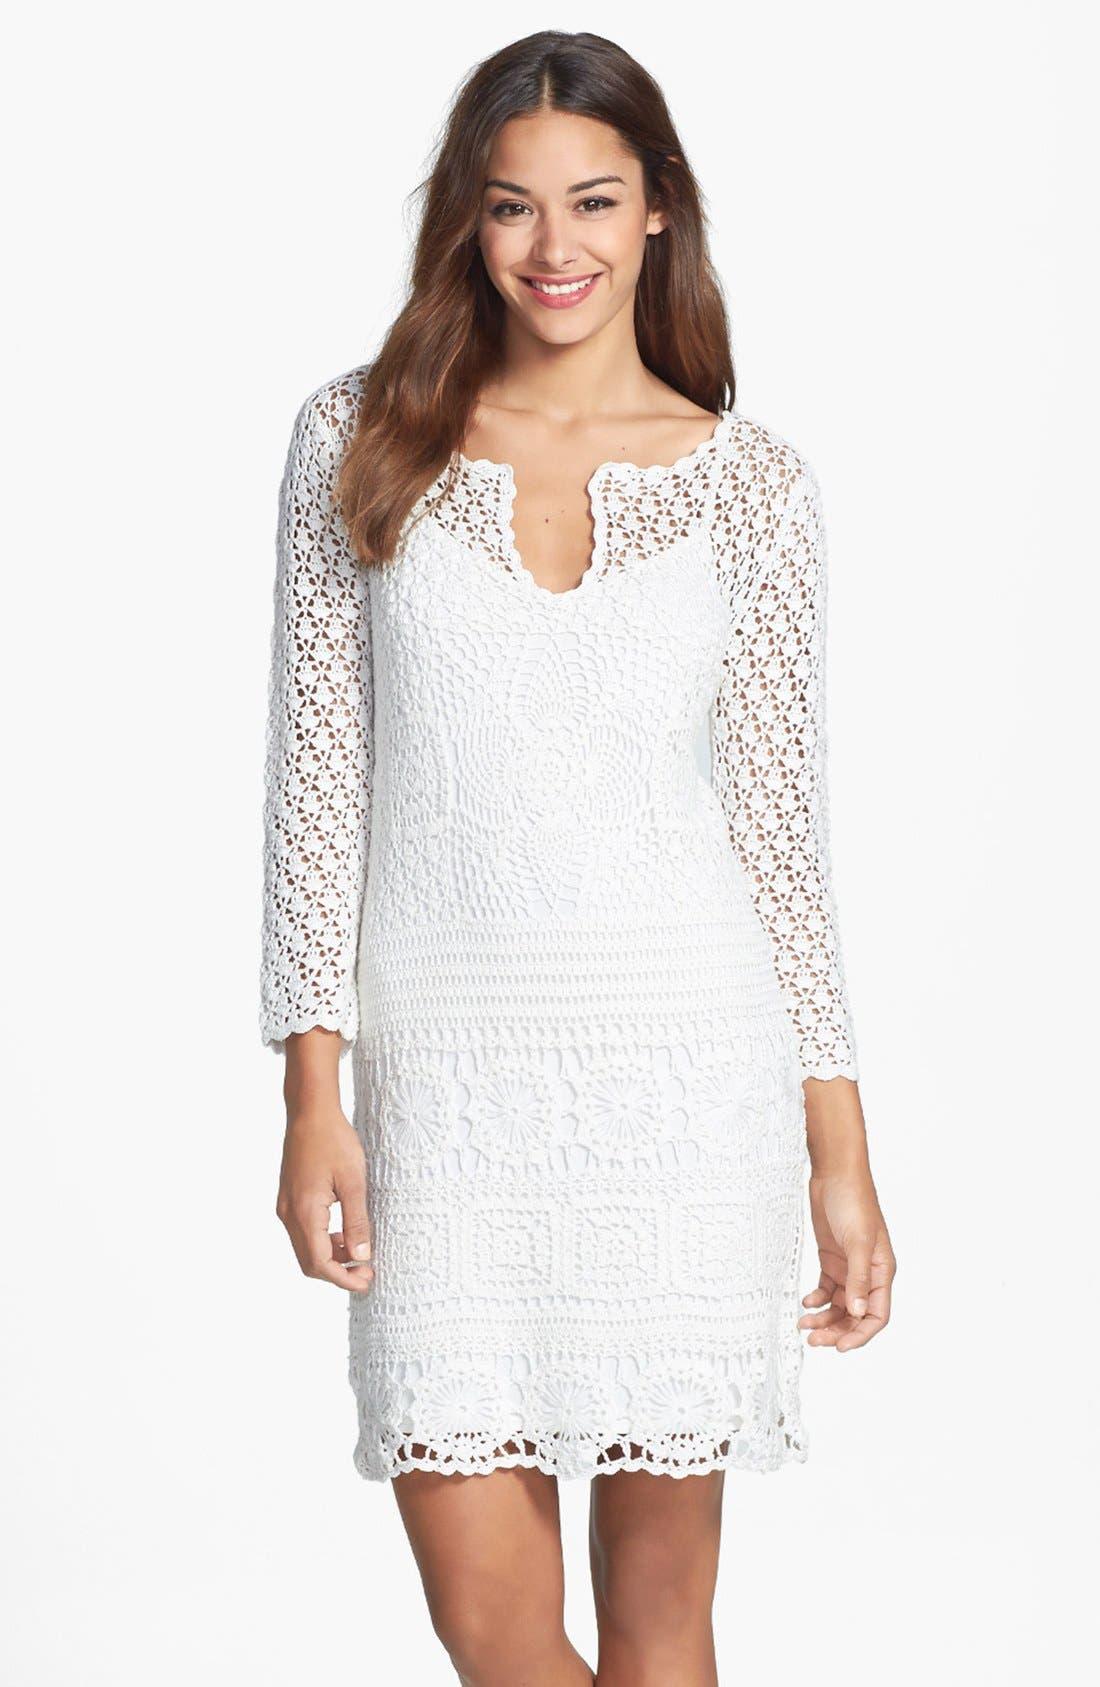 Main Image - Trina Turk 'Lanai' Crochet Lace Dress